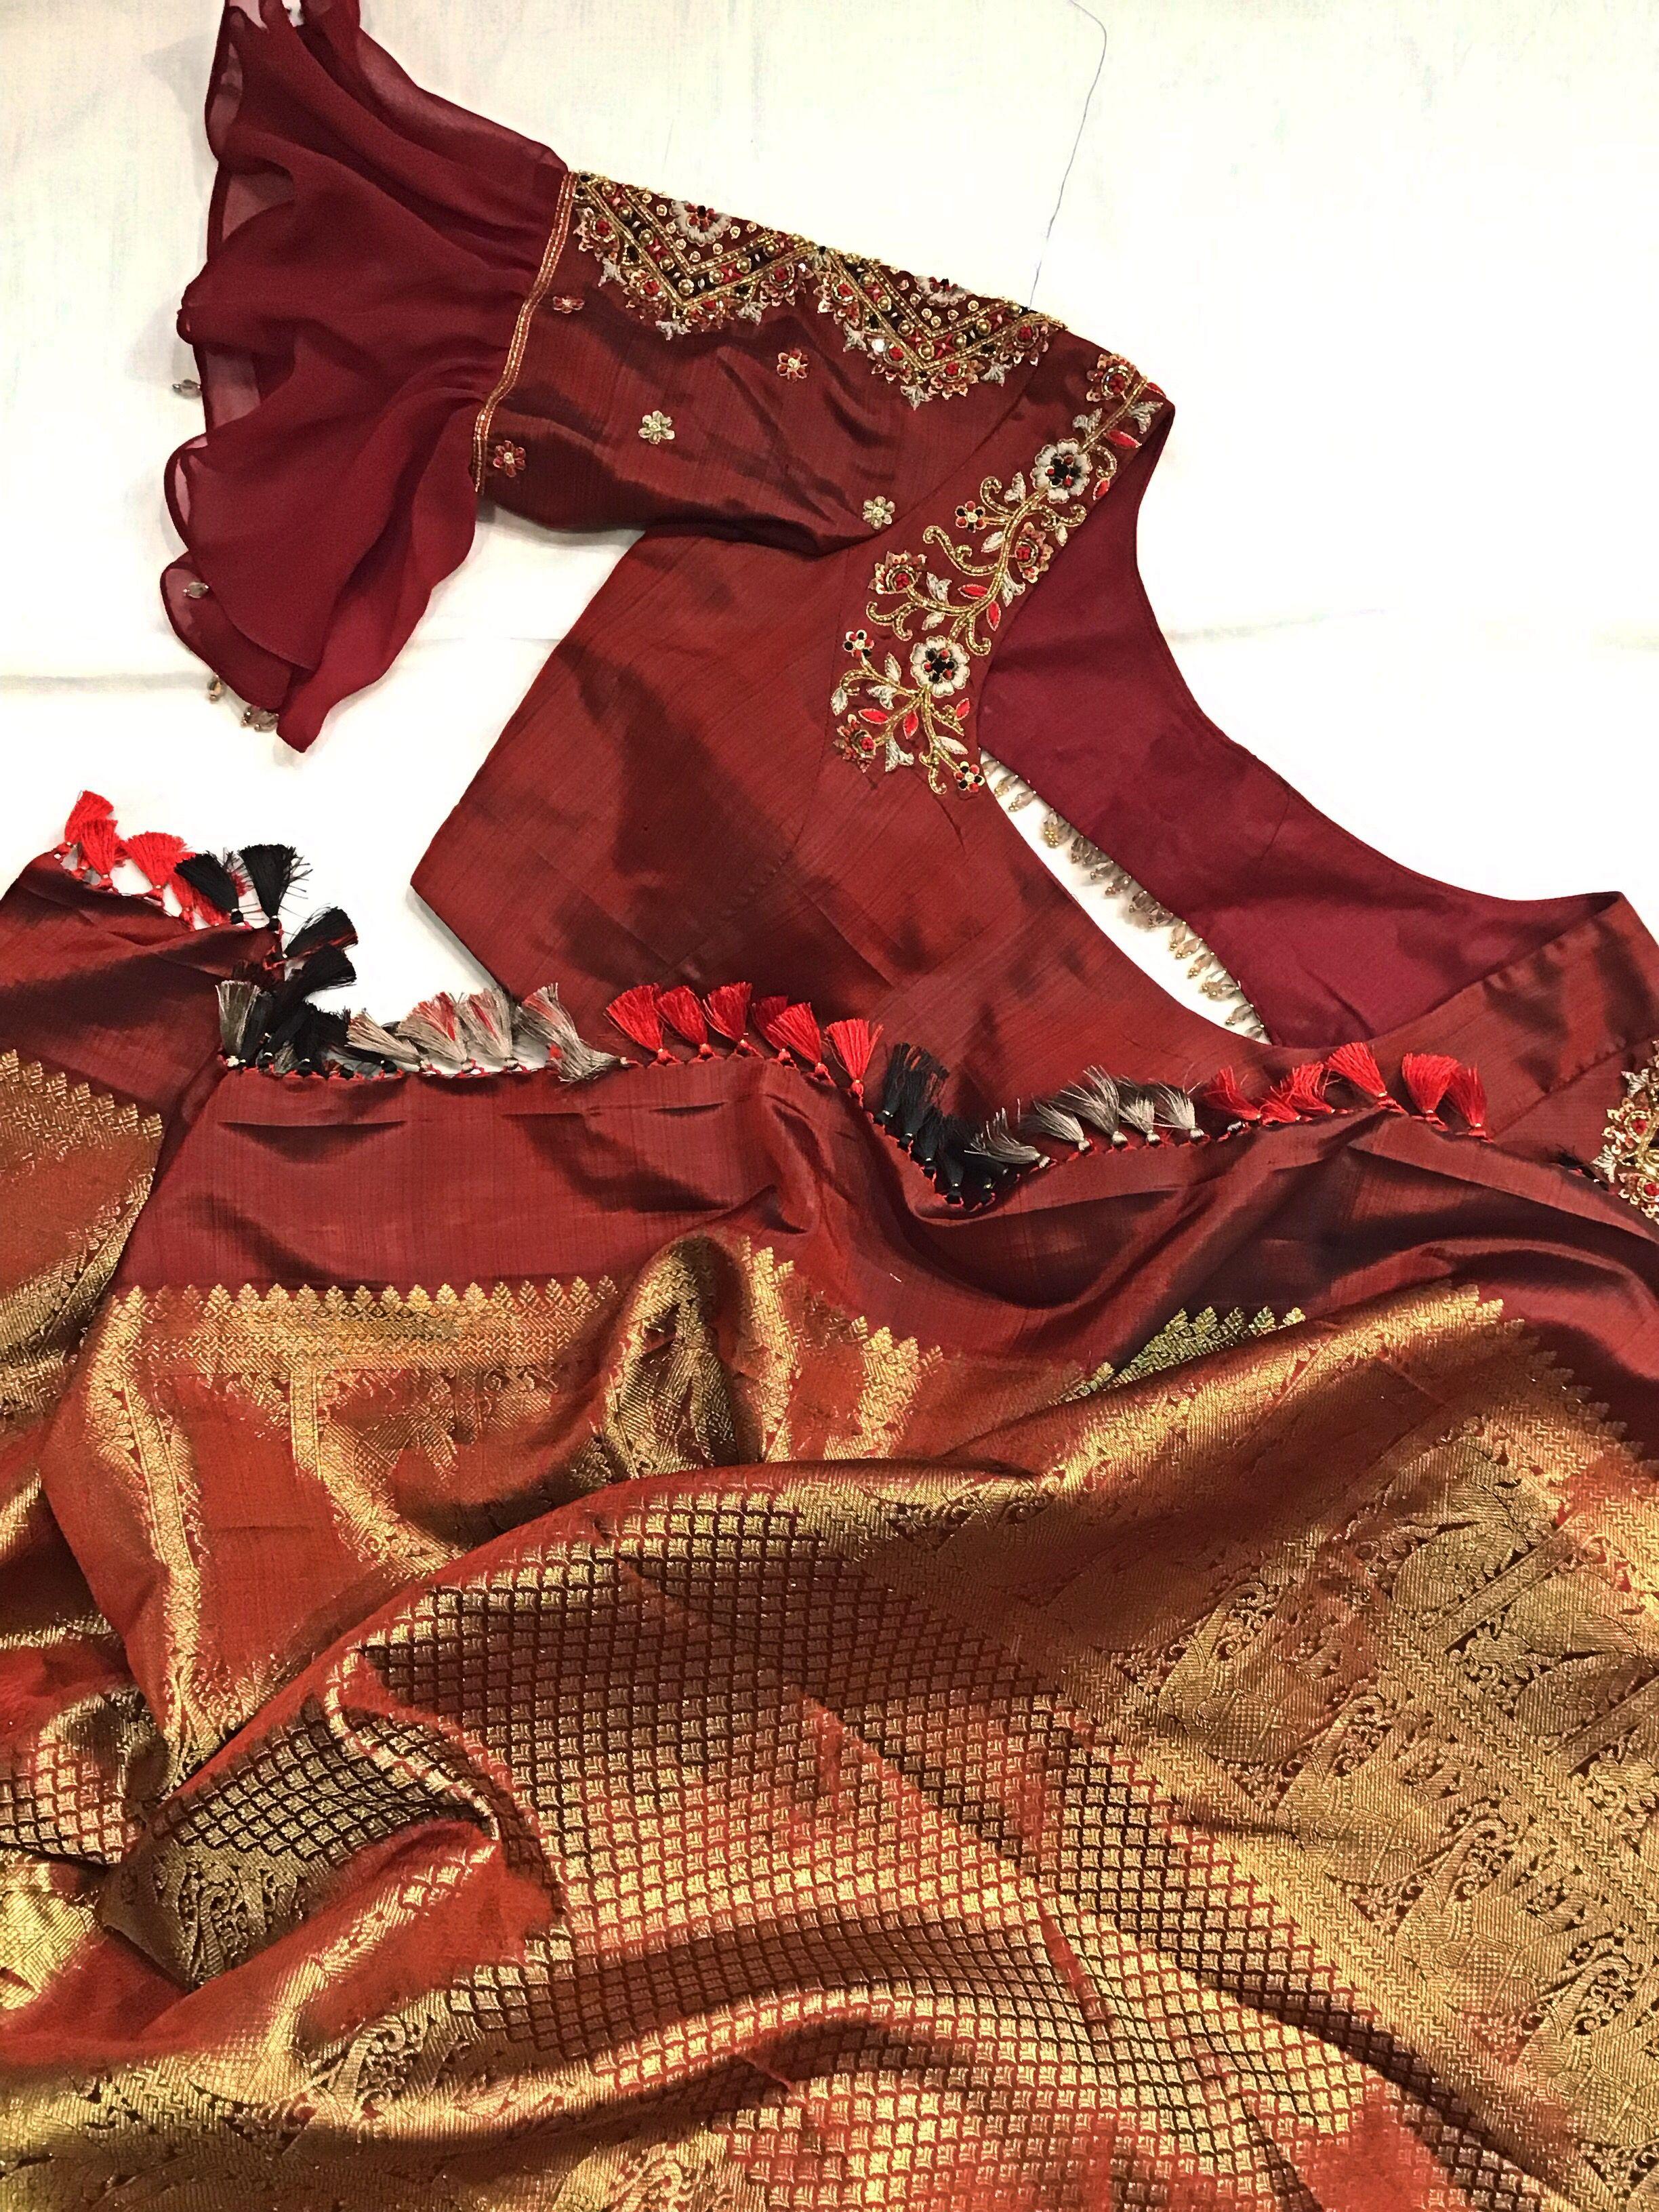 ec4b30c1079fe Impeccable detailing by Lavender